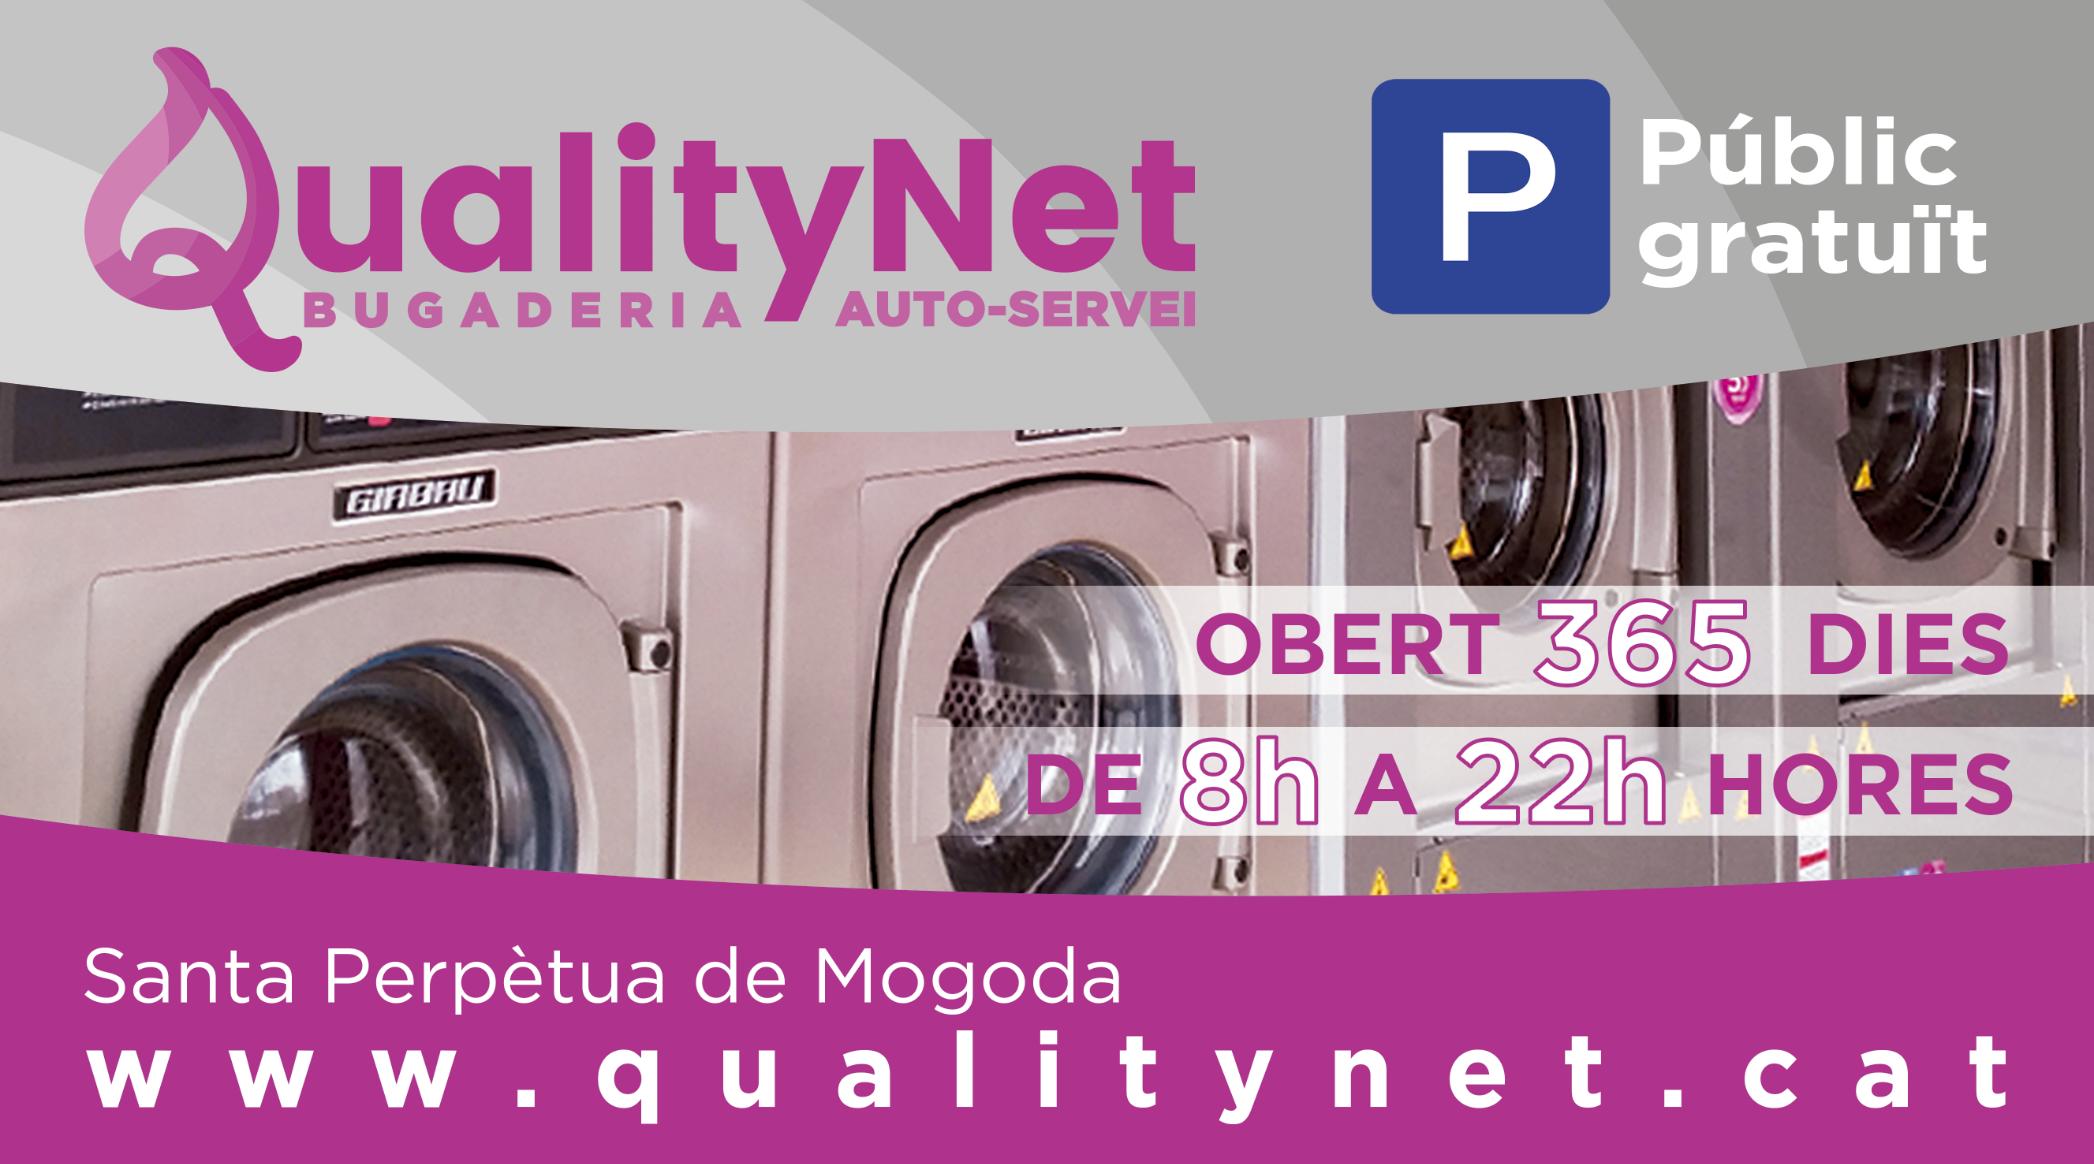 BUGADERIA QUALITY NET